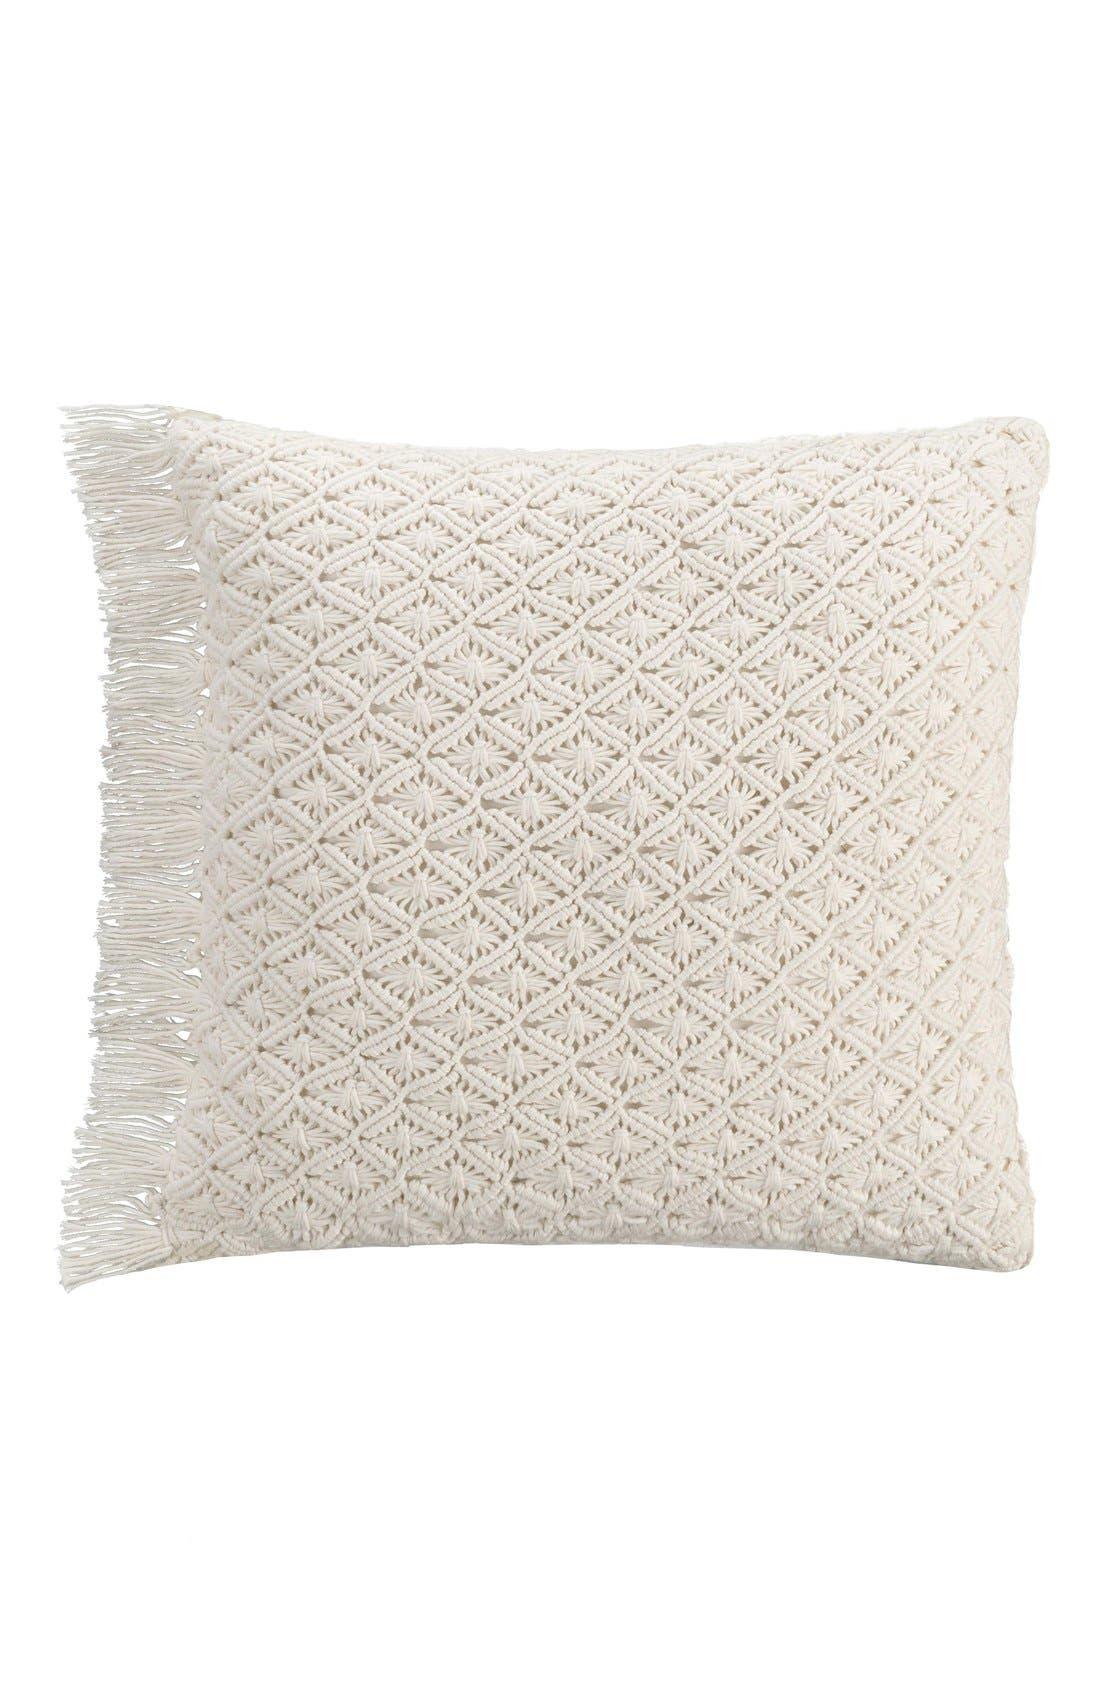 'Lace Medallion' Crochet Pillow,                             Main thumbnail 1, color,